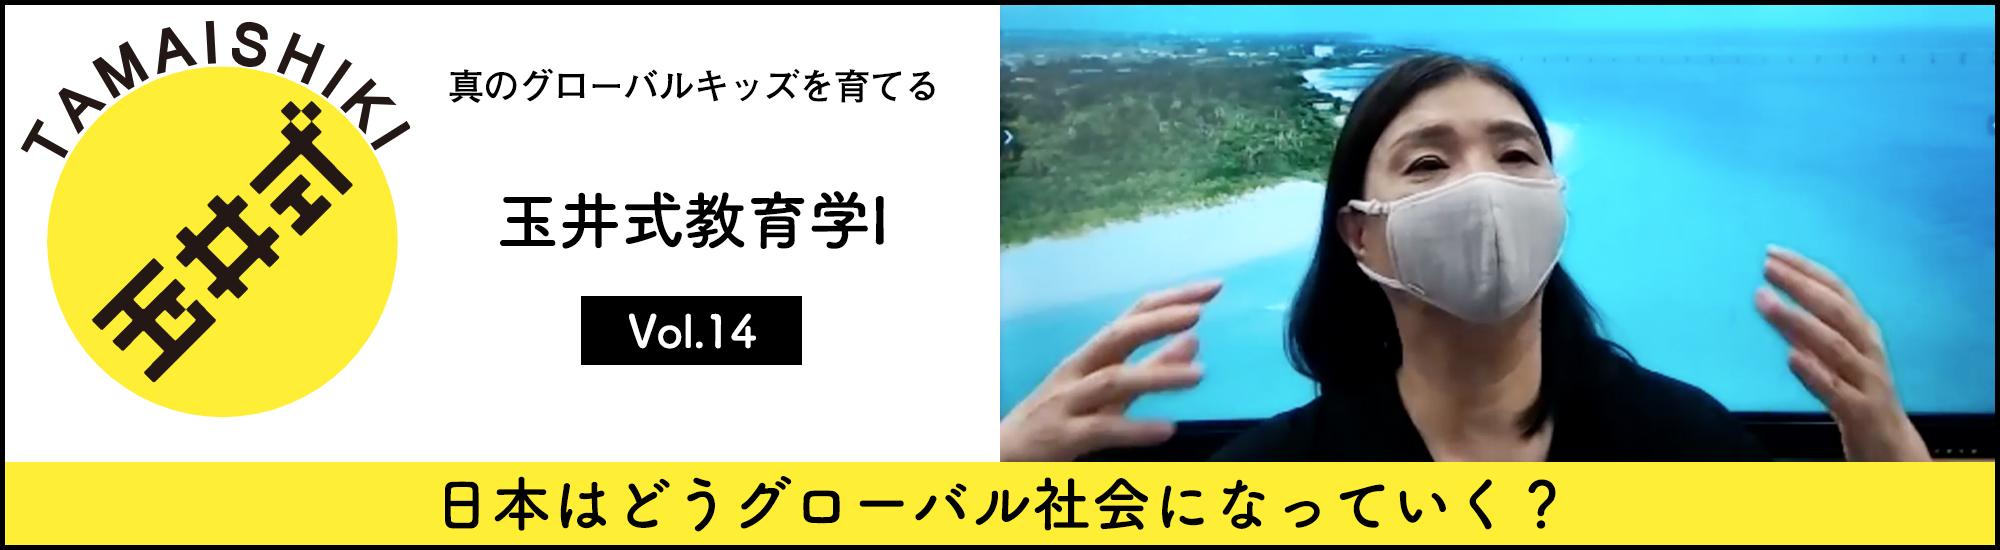 【玉井式教育学I】– Vol.14 –日本はどうグローバル社会になっていく?